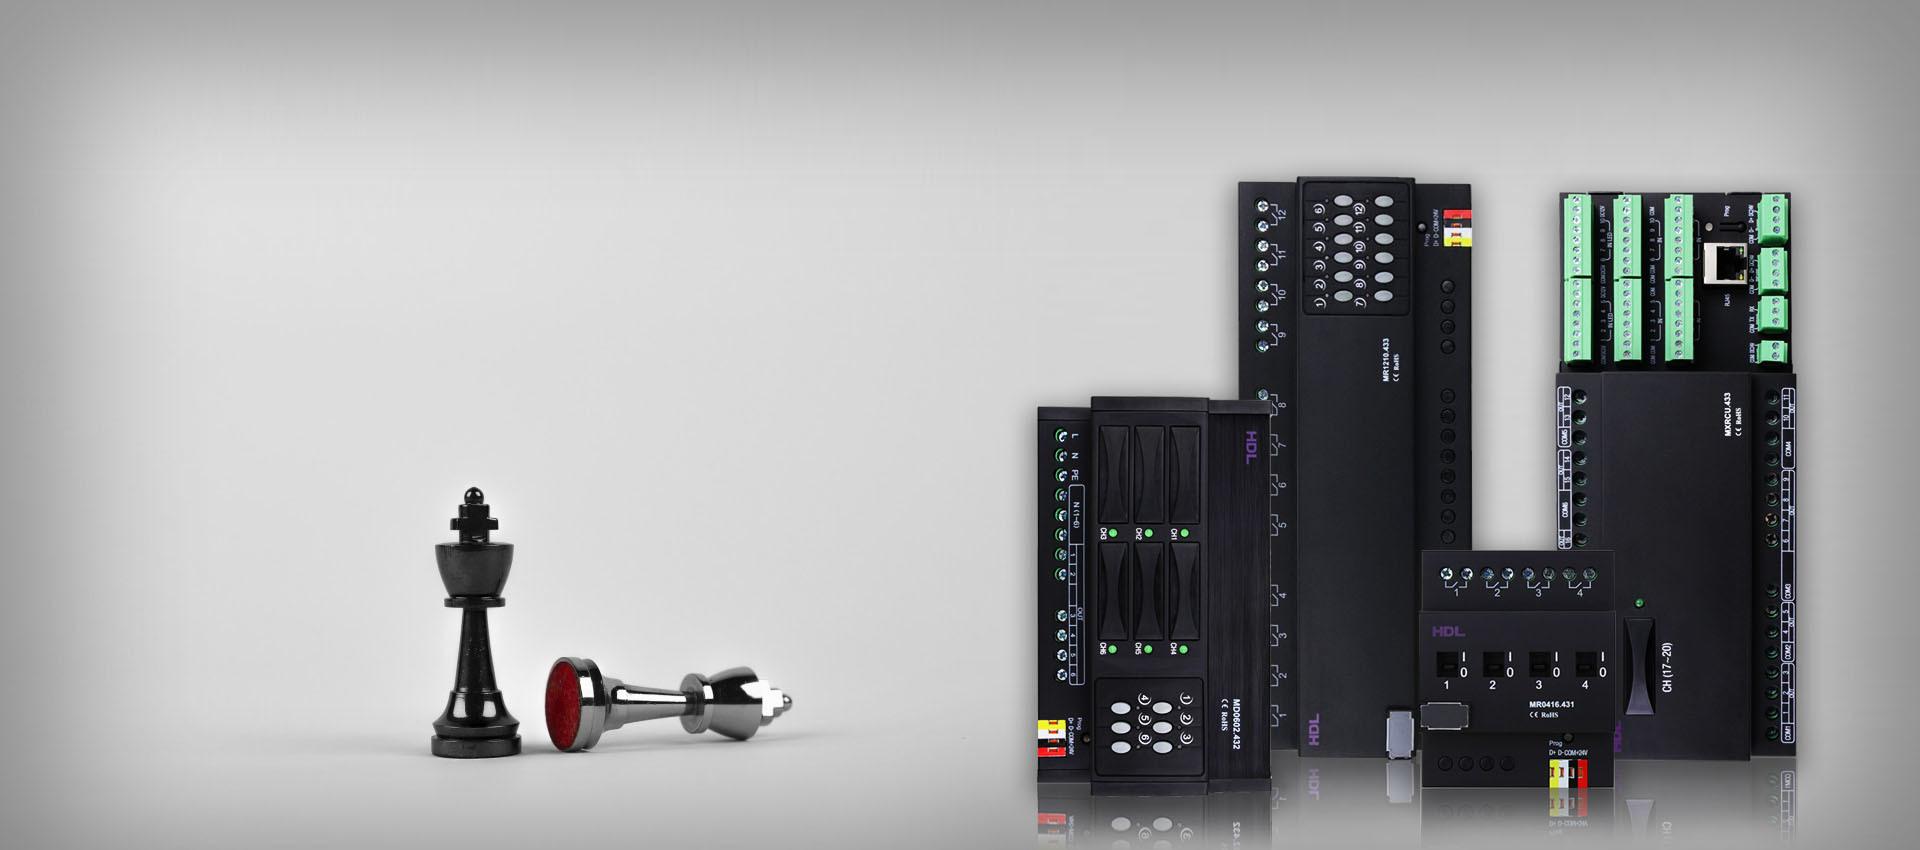 خانه هوشمند HDL | رله هوشمند | دیمر هوشمند | ماژول لاجیک | ماژول امنیتی | ماژول DMX